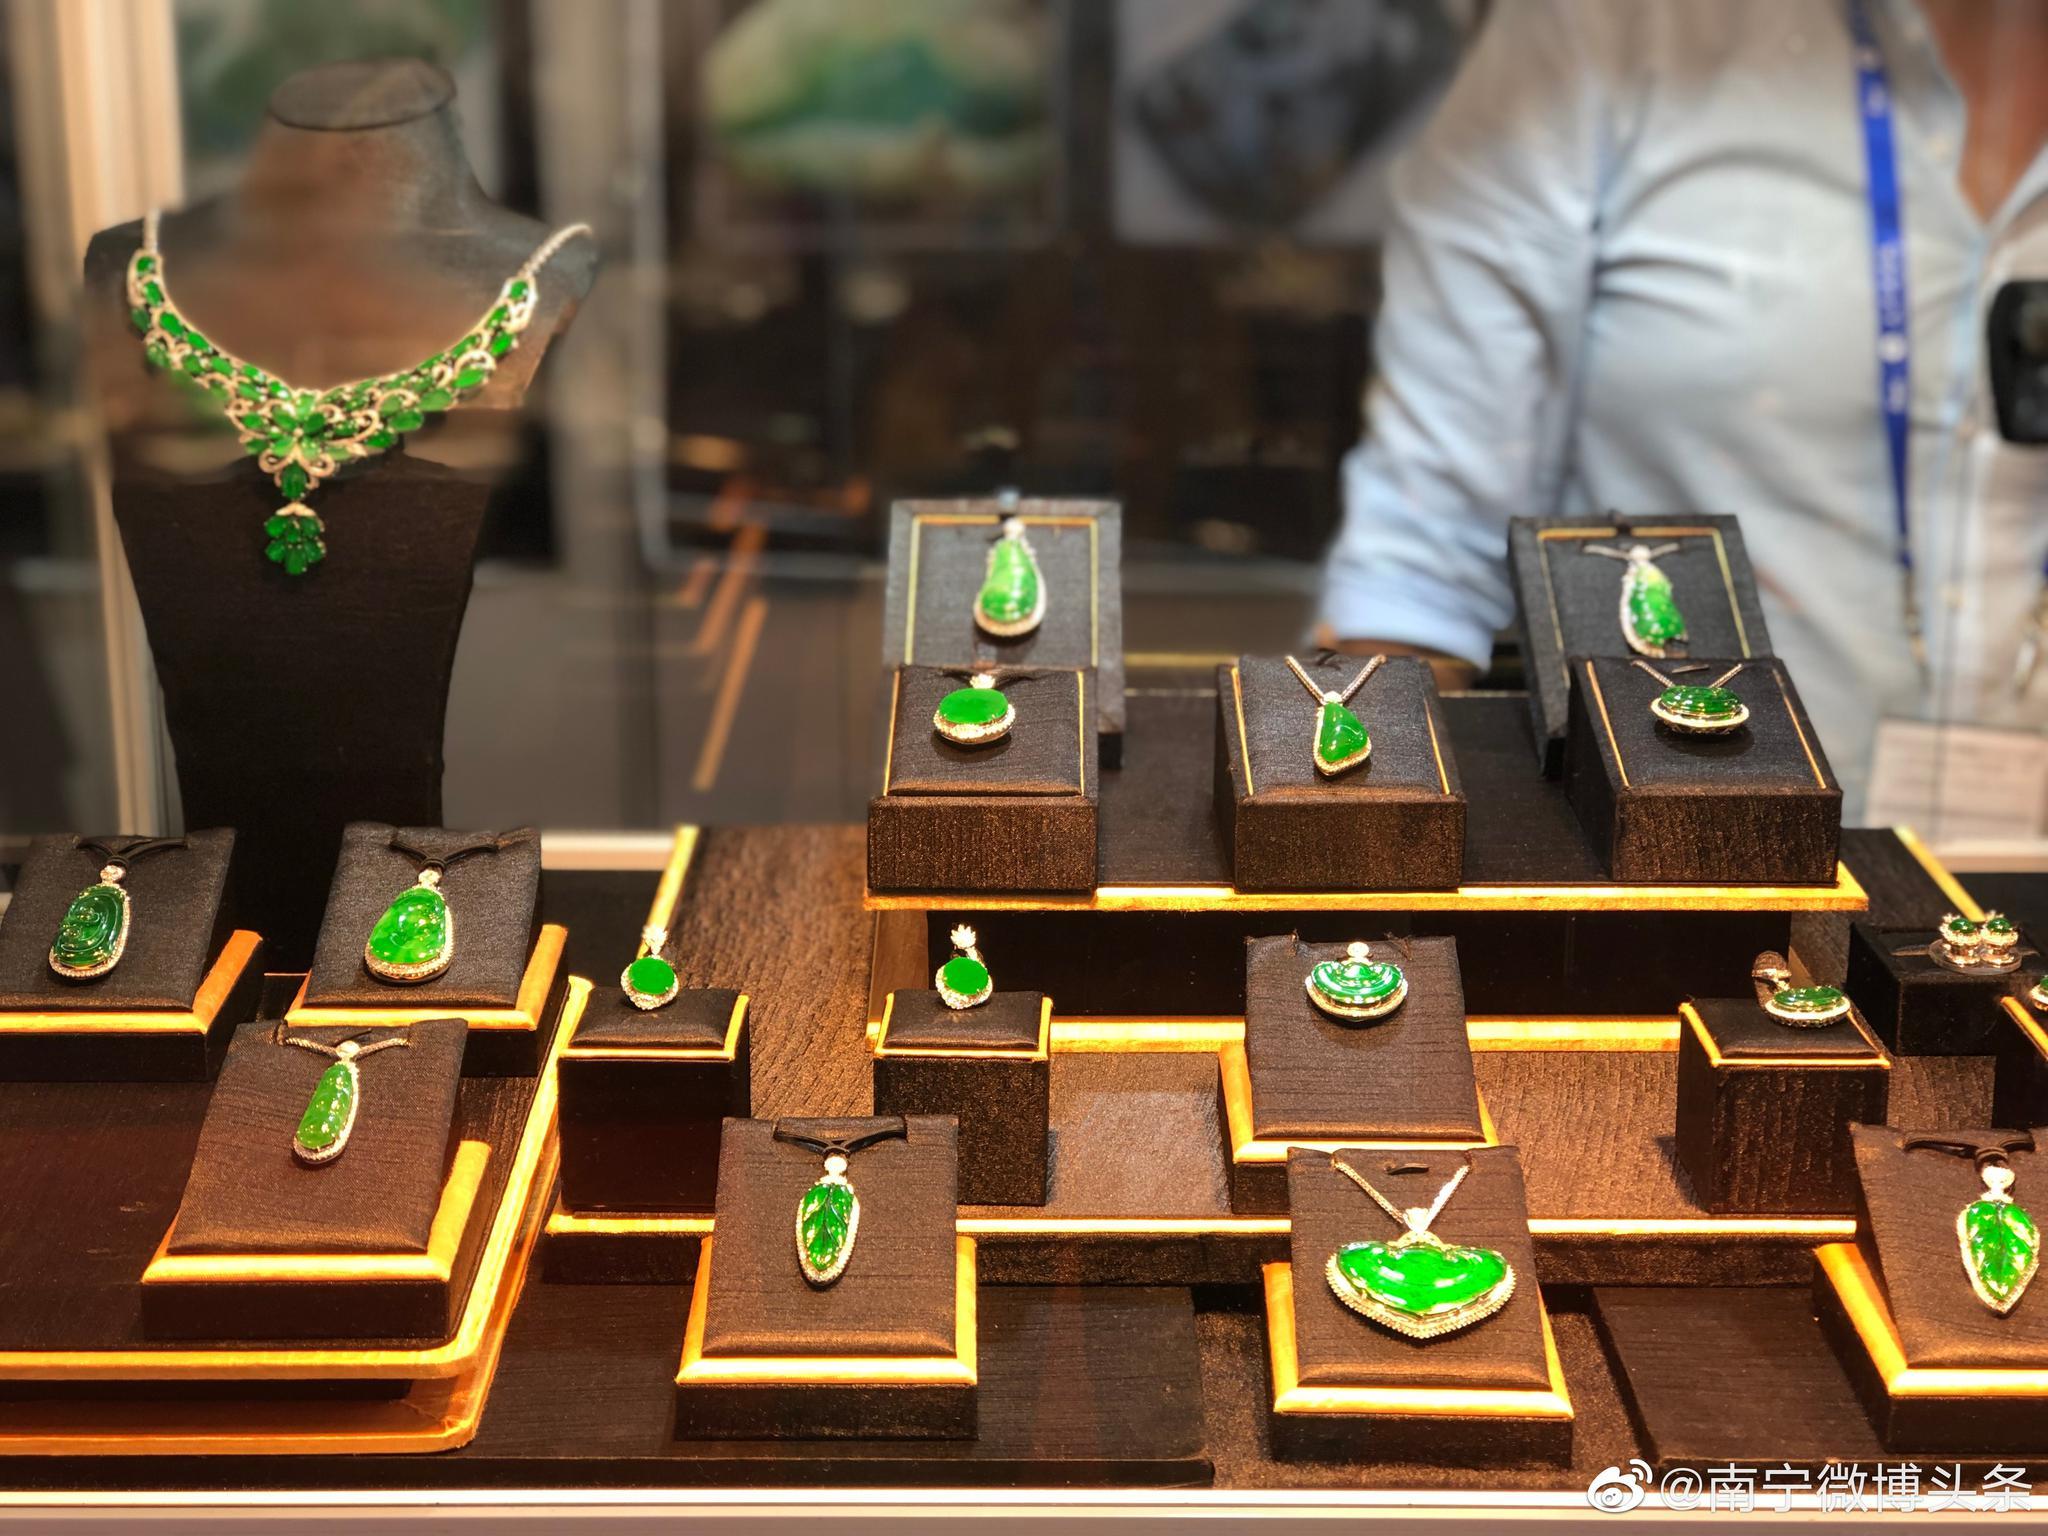 缅甸玉石,茶叶,奶茶,红木制品……缅甸馆的这些,你不容错过